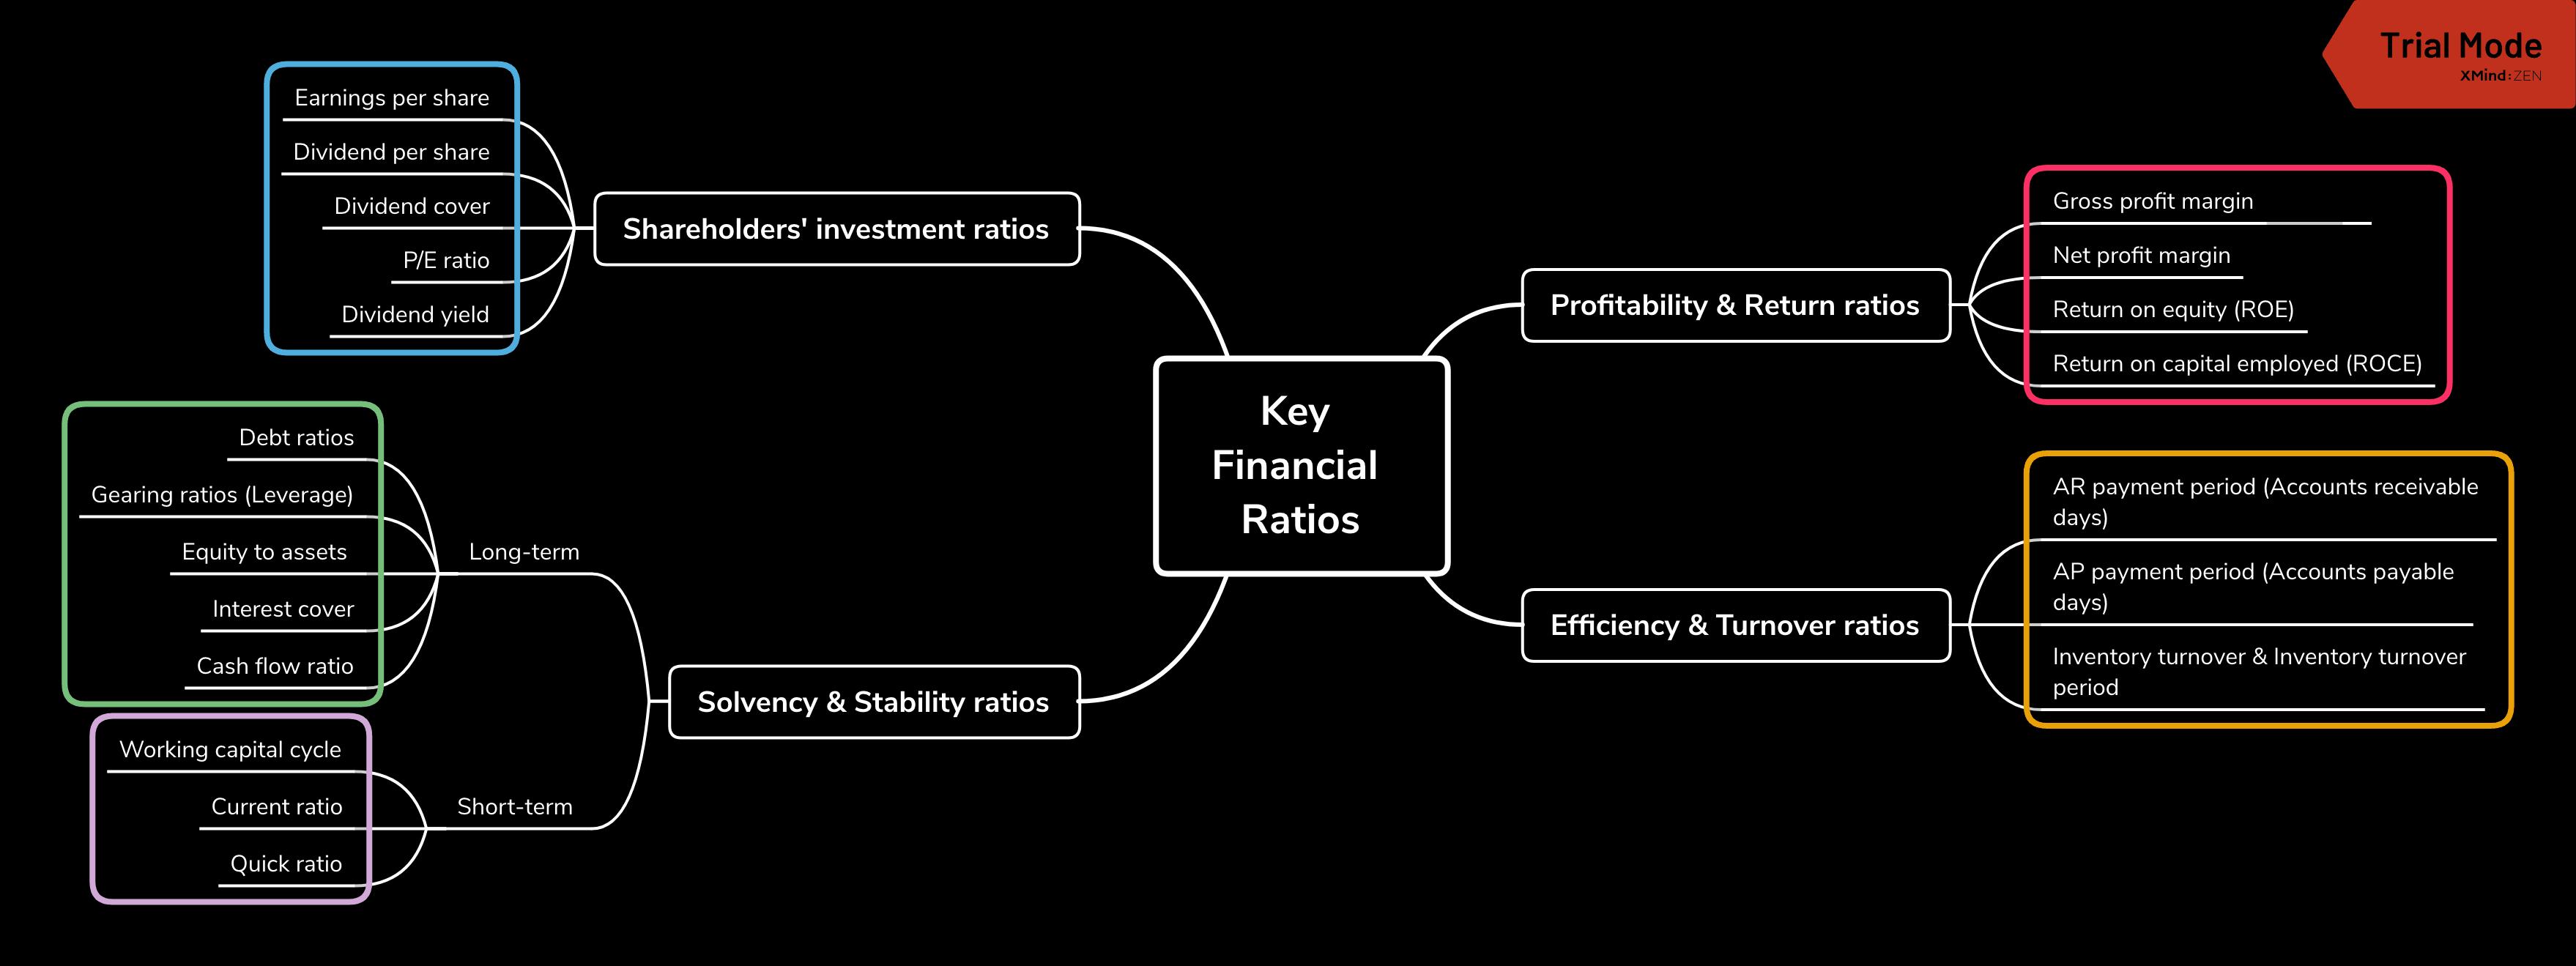 Financial ratios là gì? (ACCA F7 - Các chỉ số tài chính cơ bản)